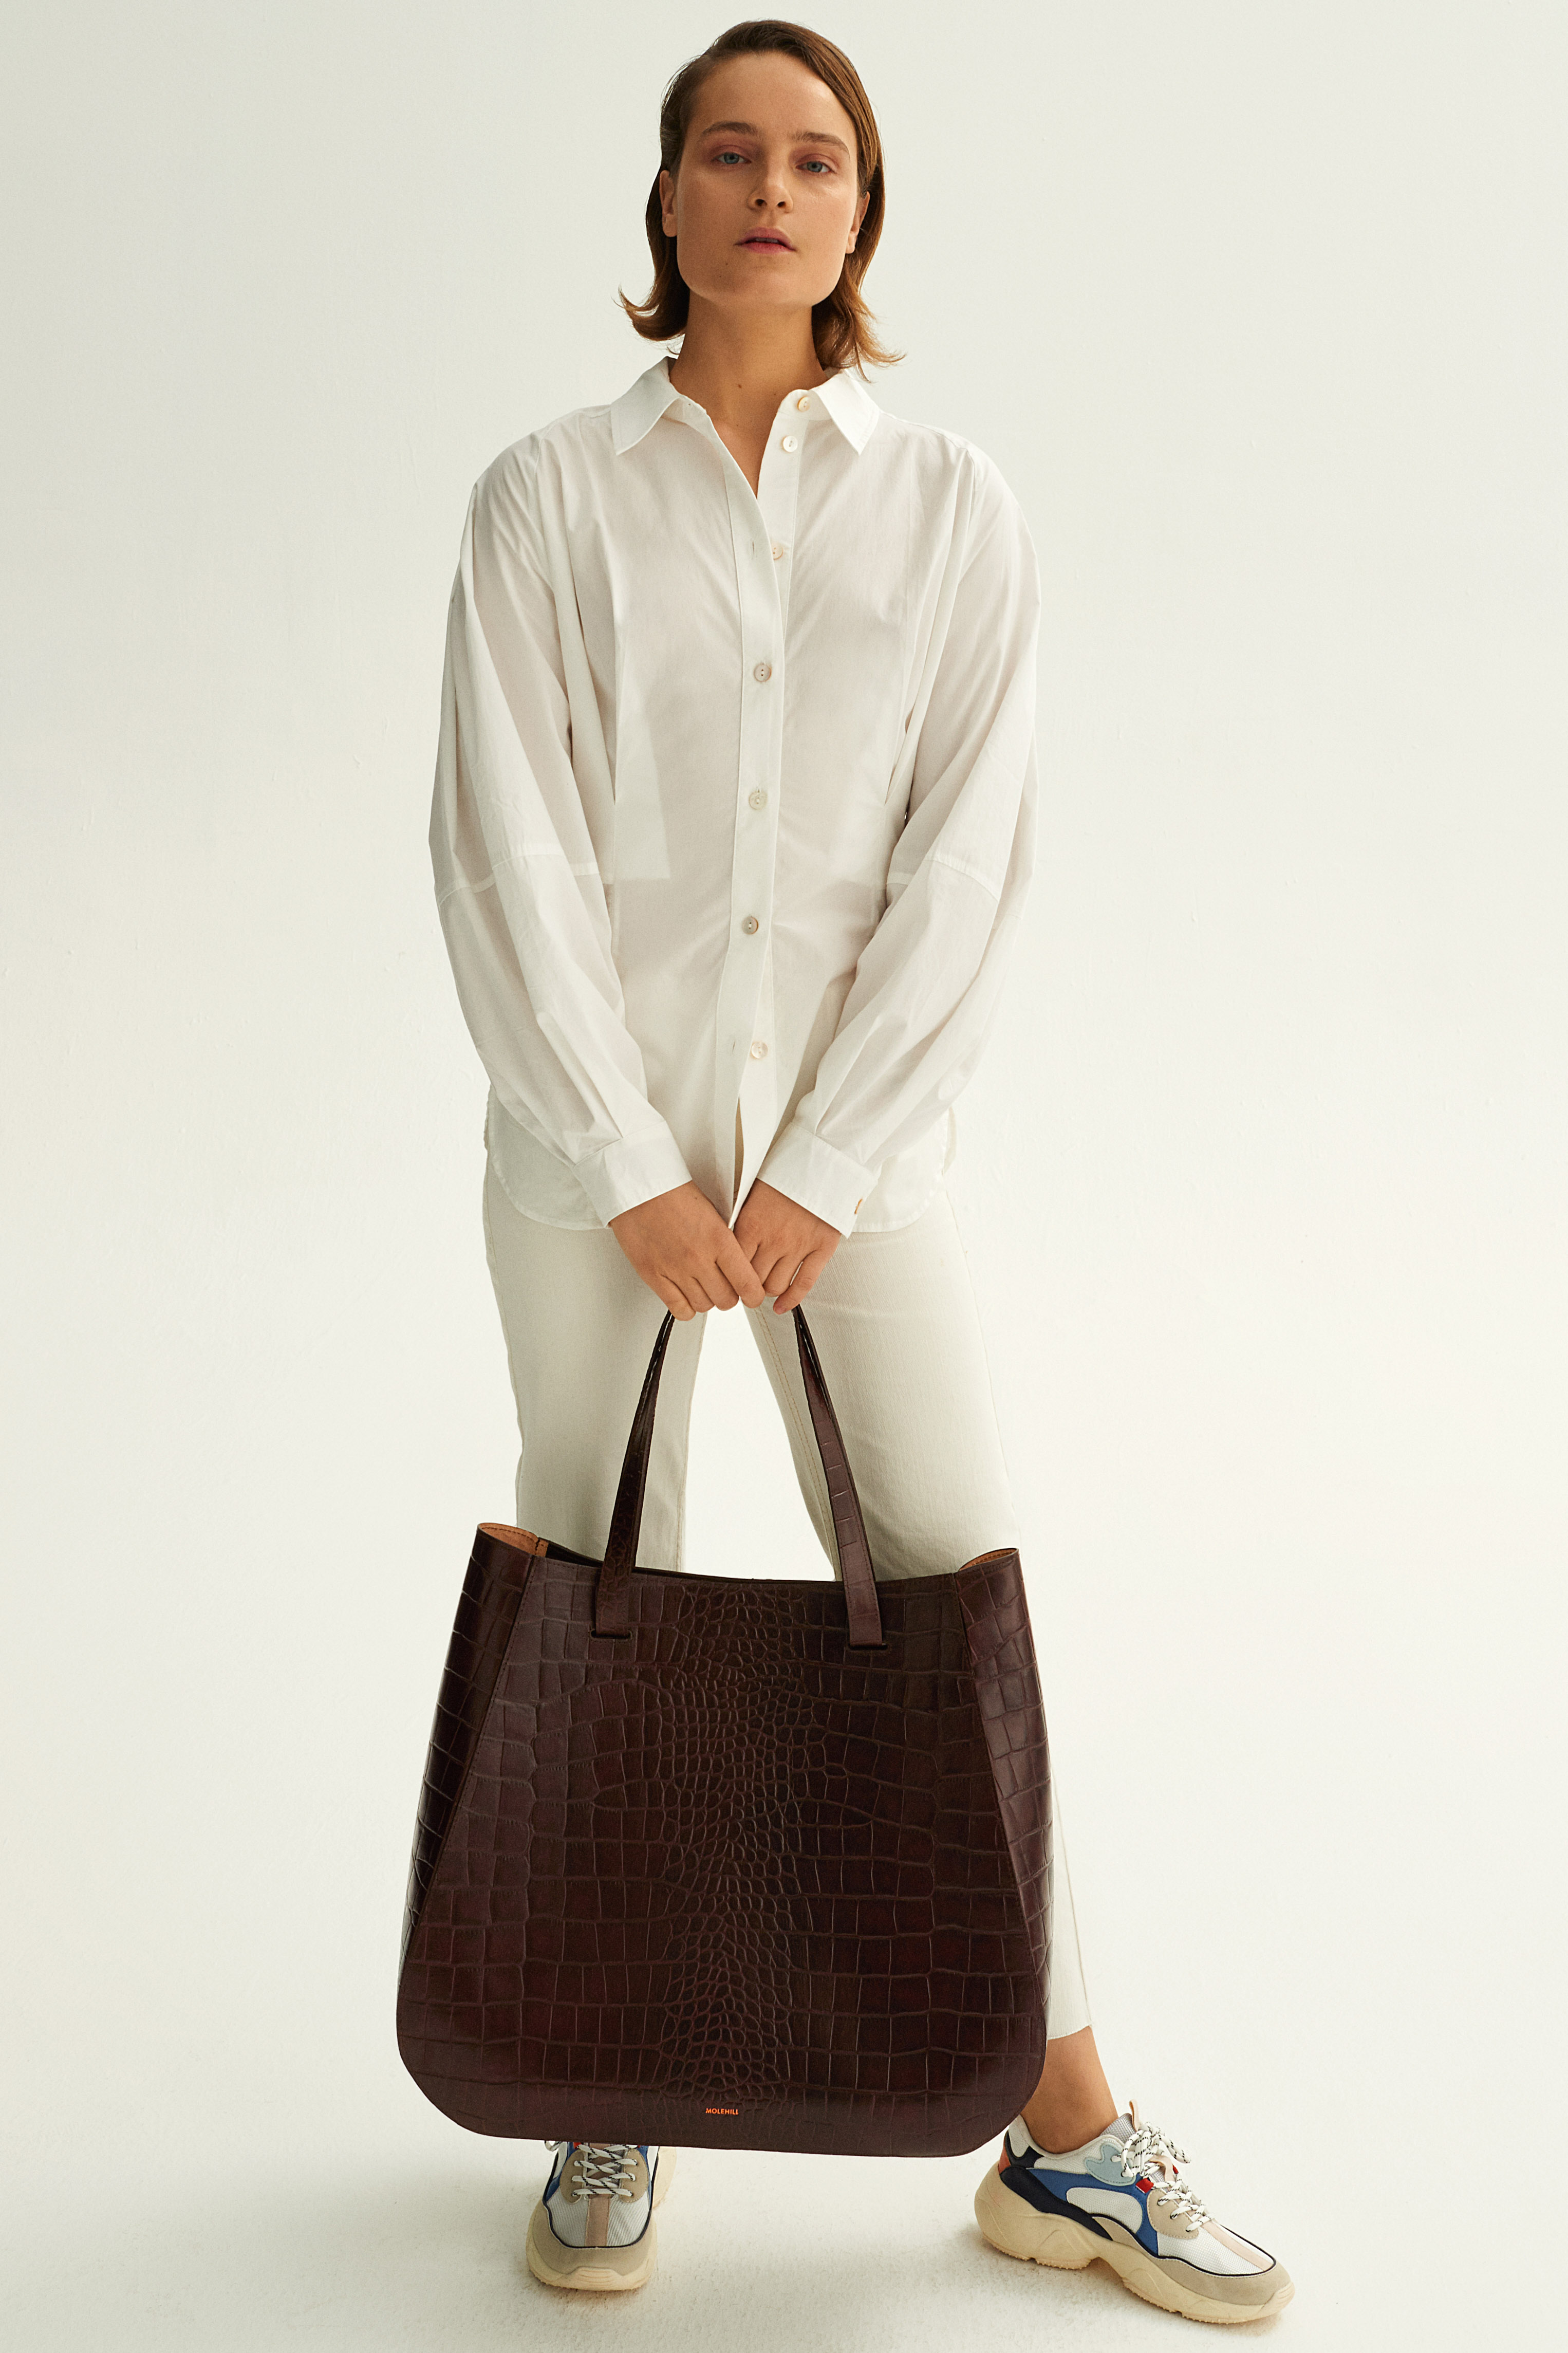 Molehill-Lookbook-Lesa-Large-Handbag-Croco-Brown-Special-Edition